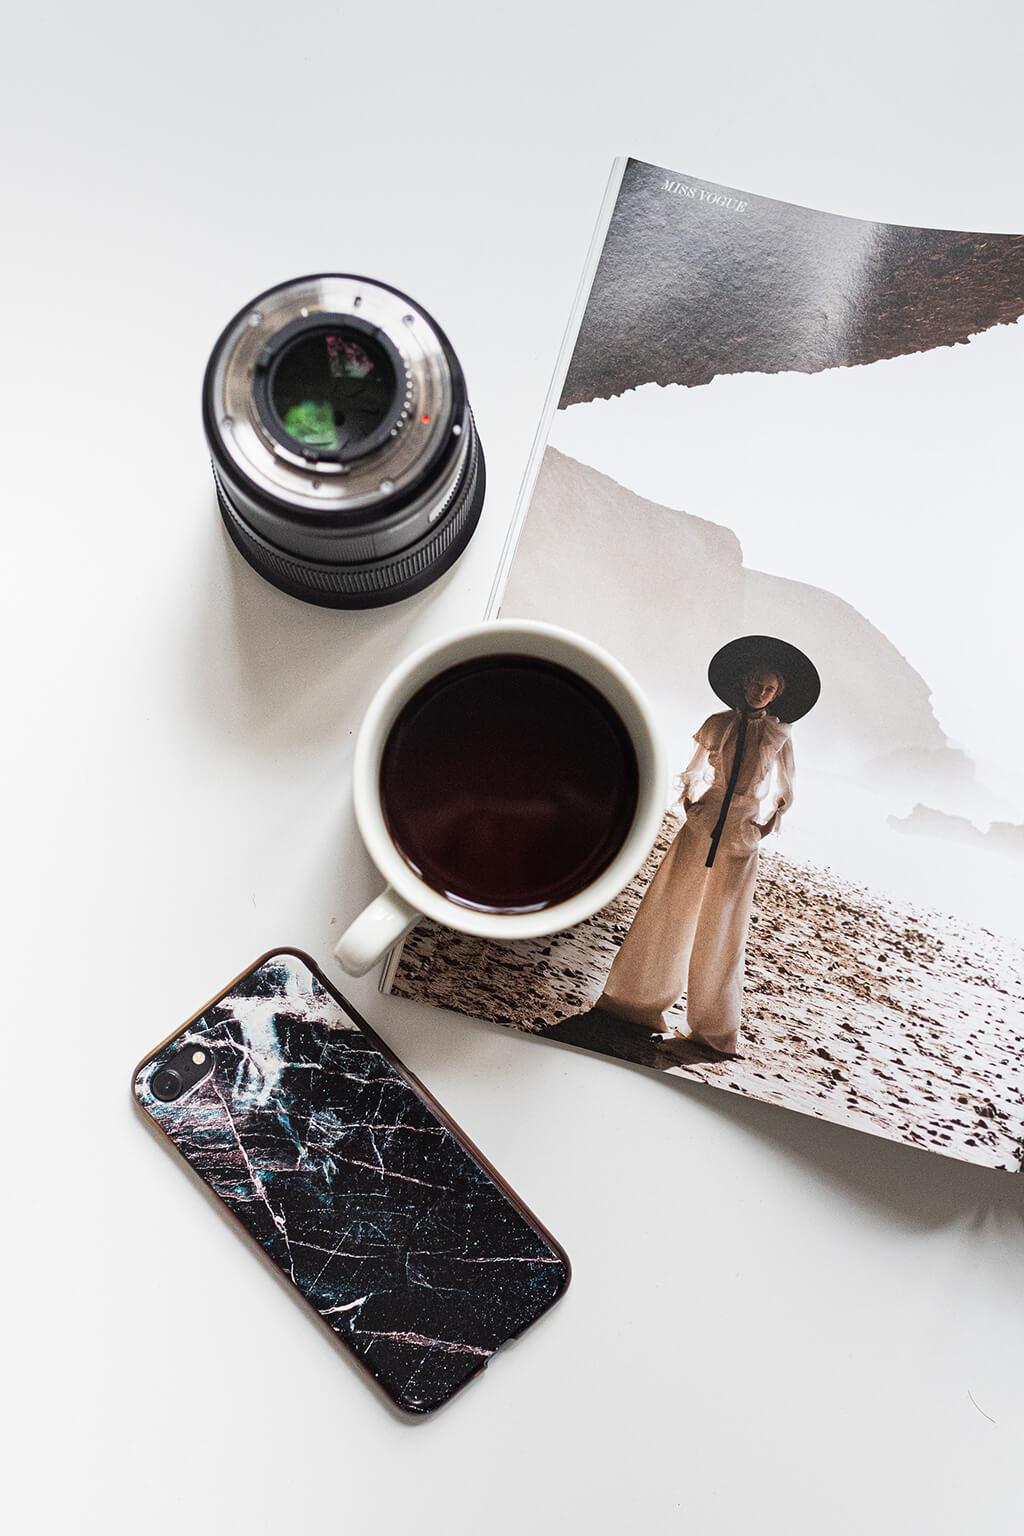 Kompozycja w fotografii - równoważenie elementów na zdjęciu